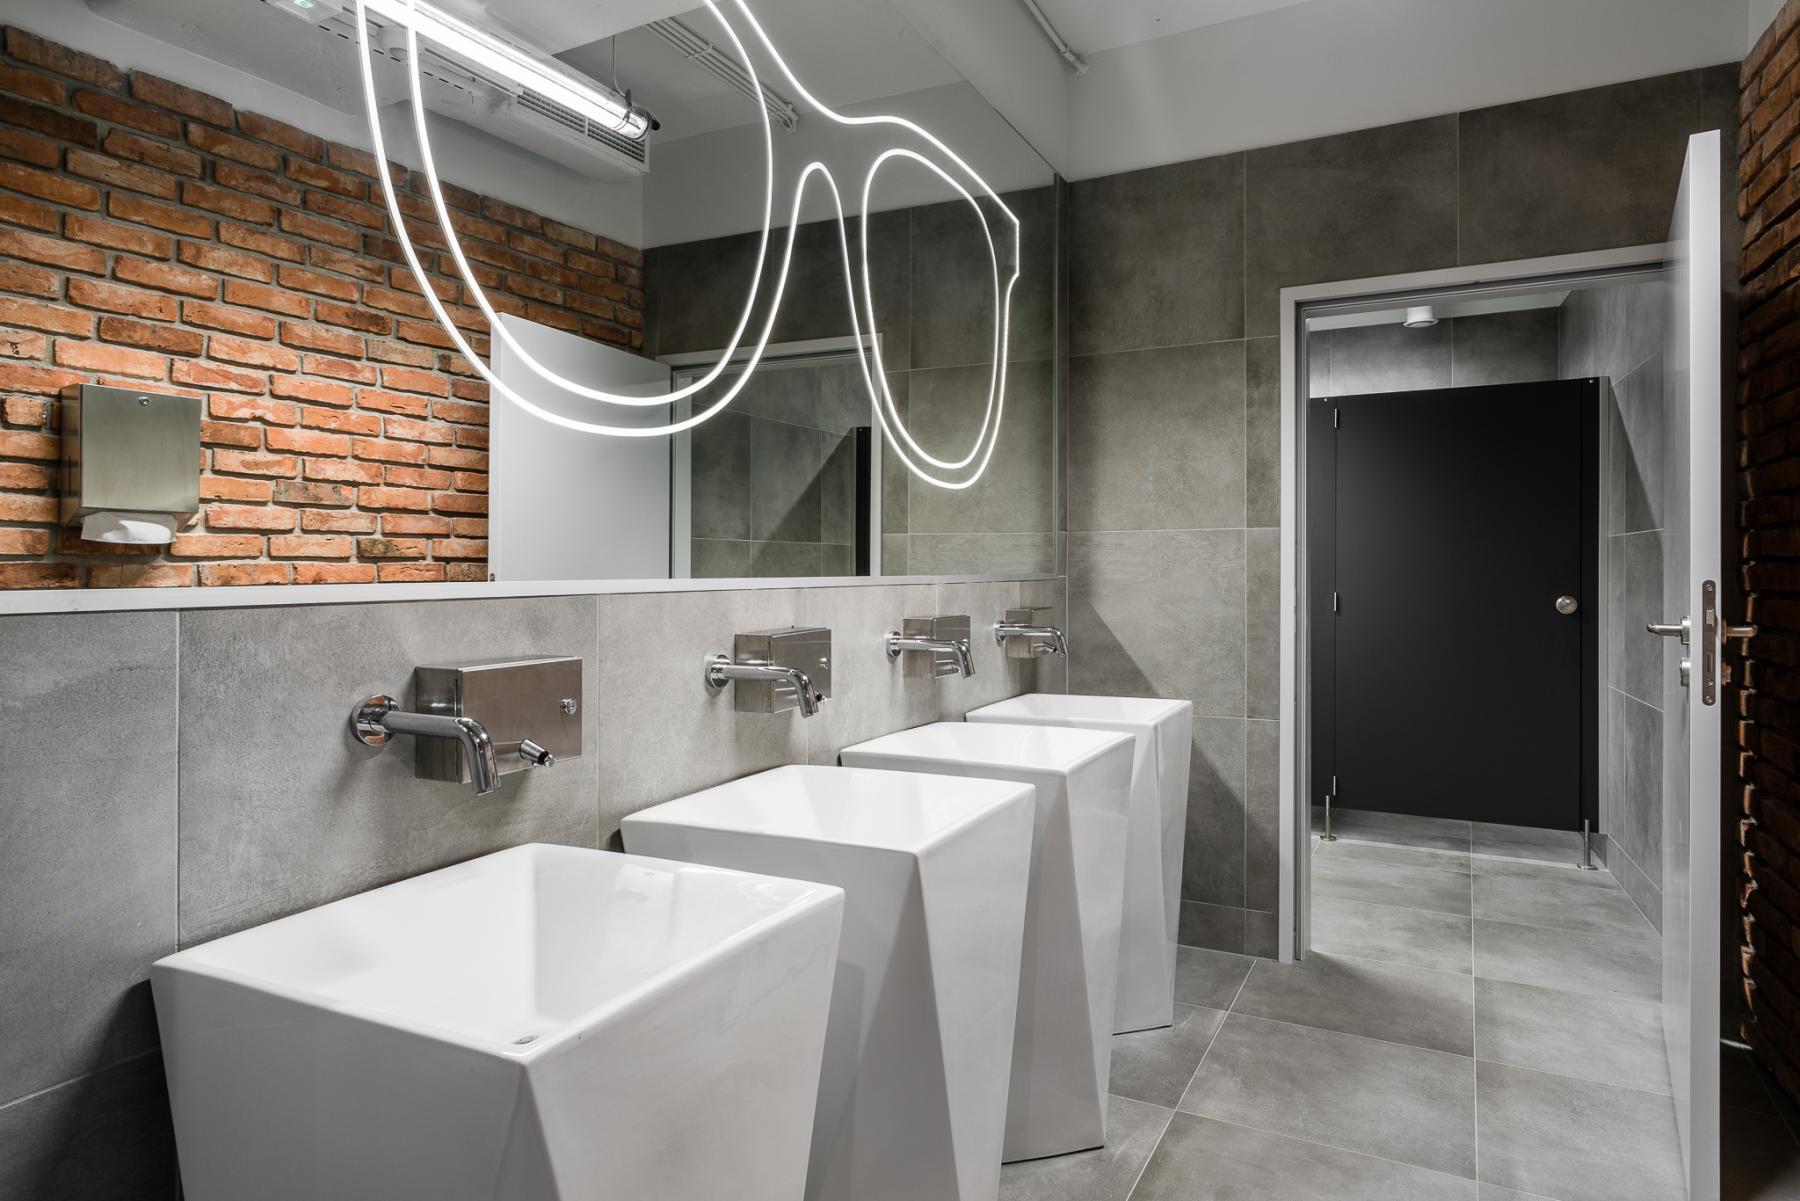 toaleta aleje jerozolimskie 181b warszawa beyourself